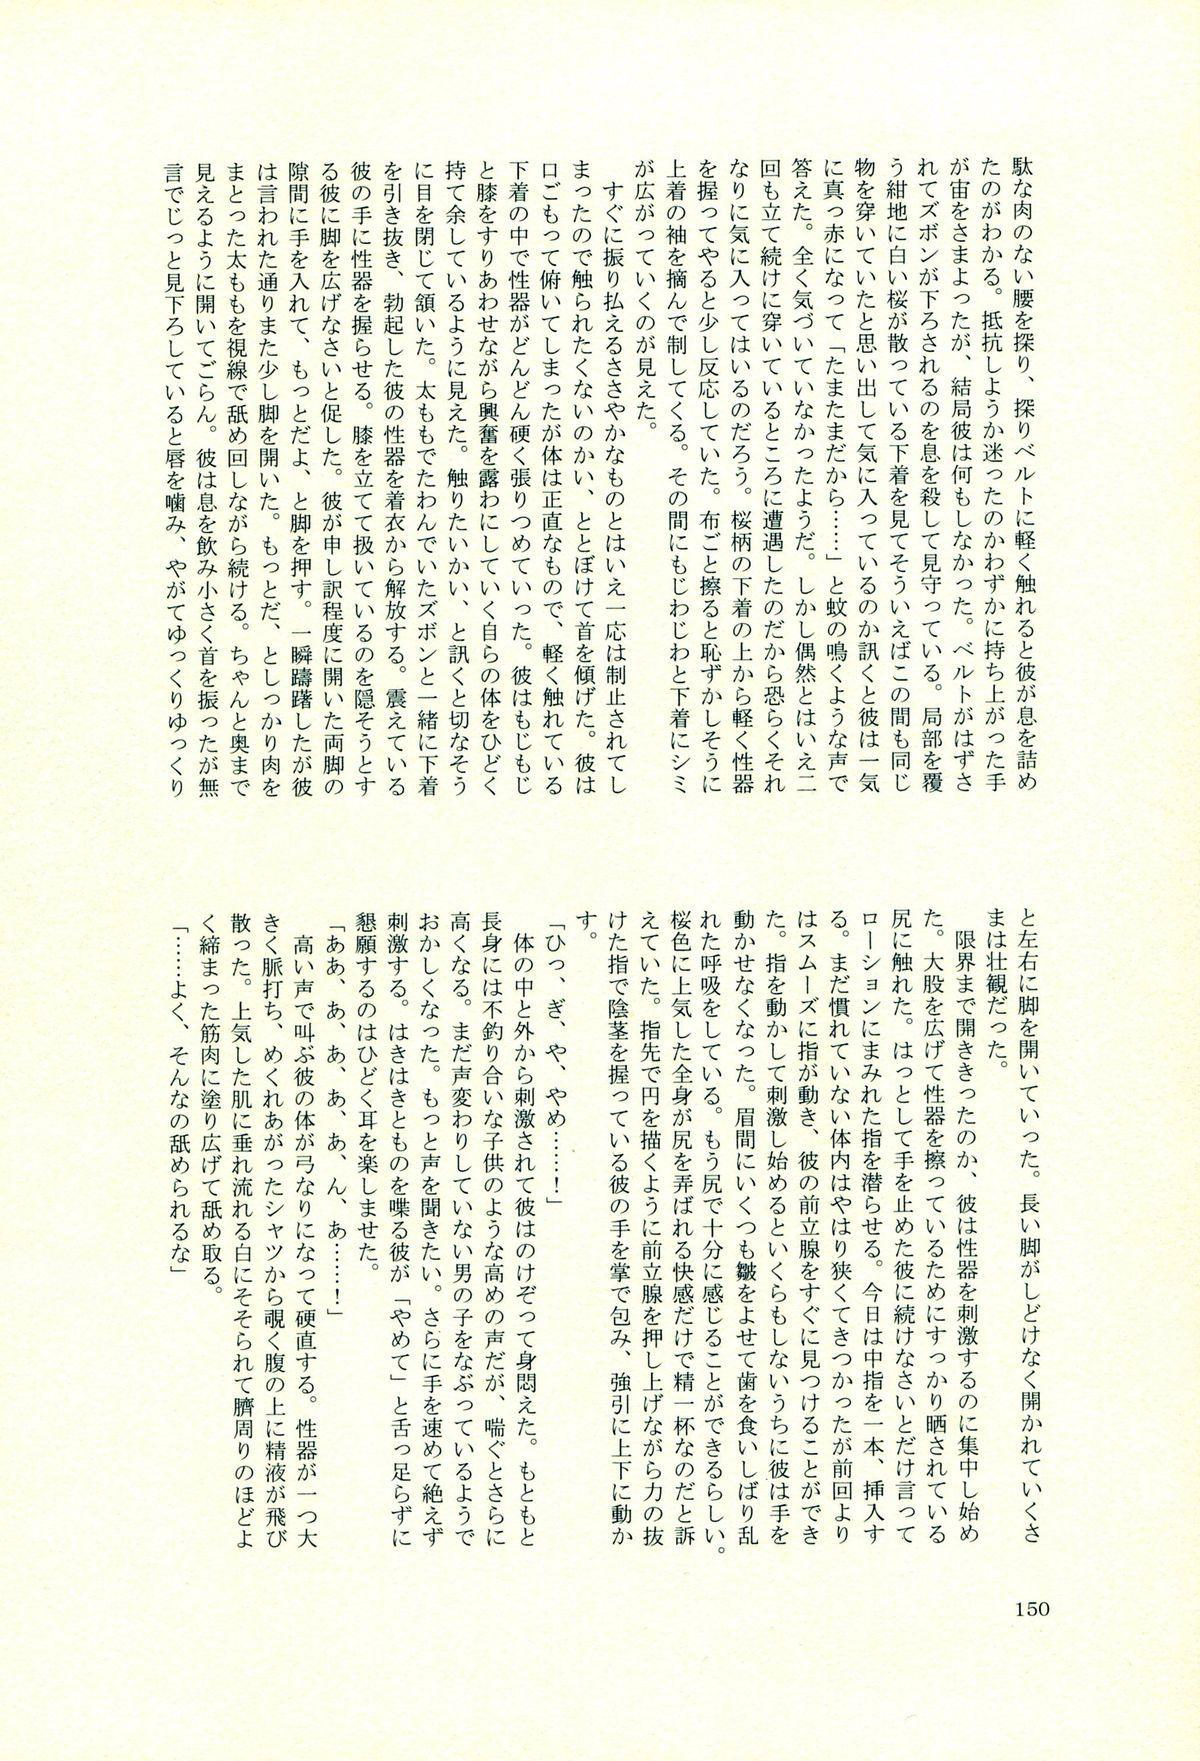 Hinata Hajime no Himitsu no Jikan 148